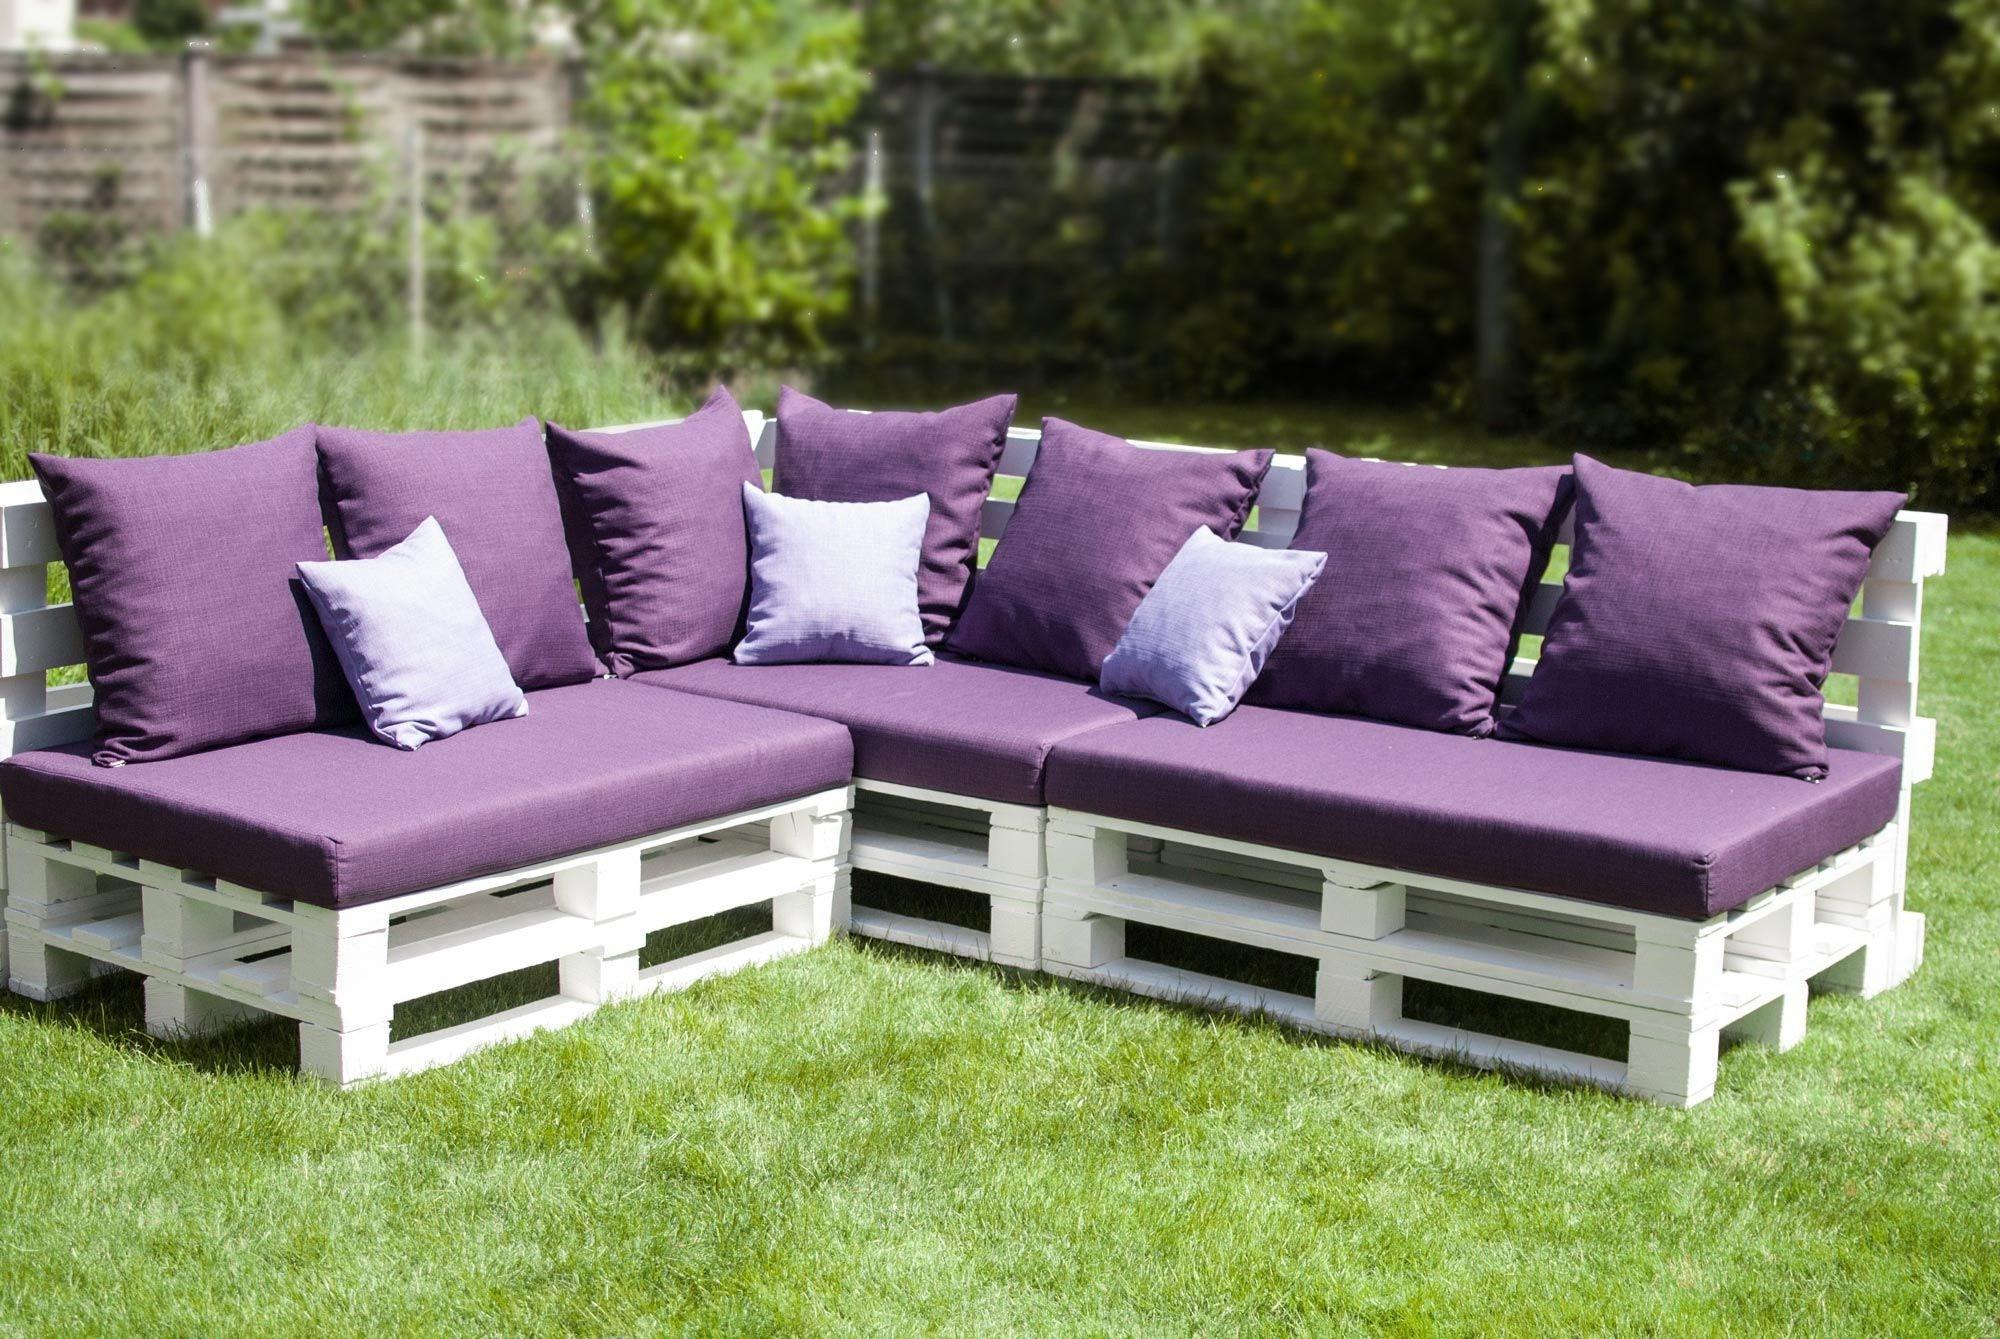 Fabriquez Votre Salon De Jardin En Palette | Blog Xyladecor encequiconcerne Canapé De Jardin En Palette